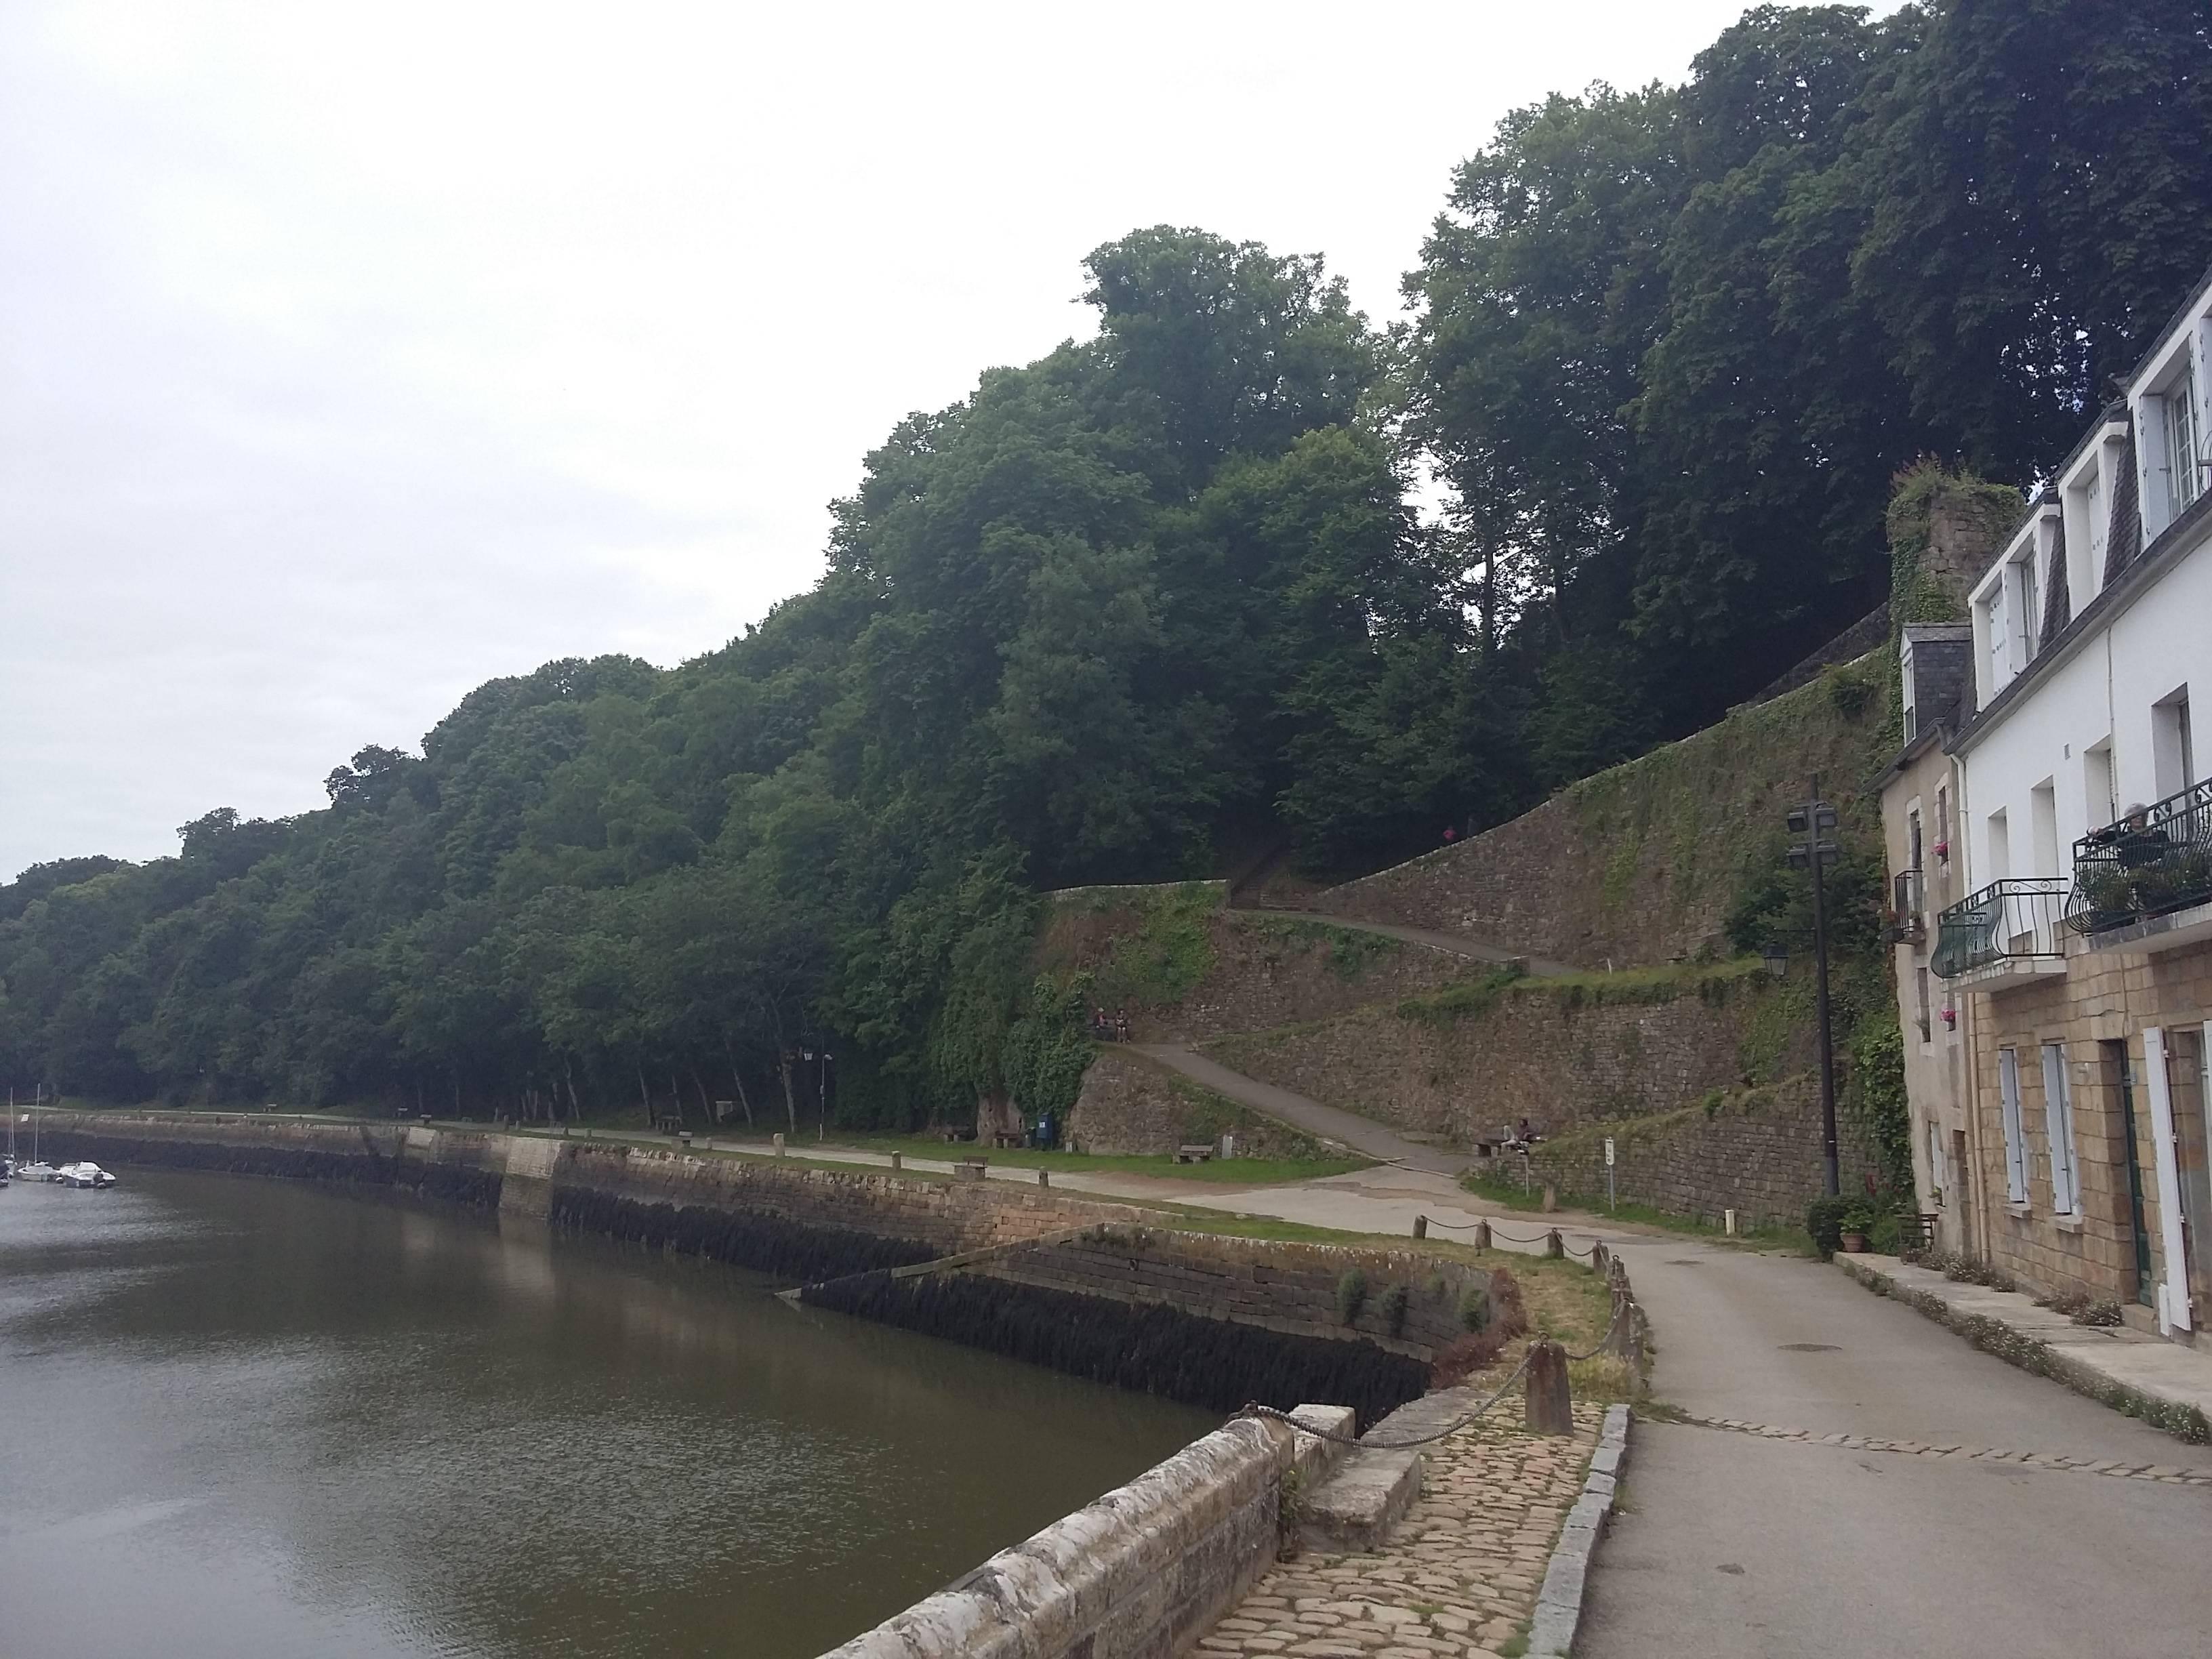 Photo 3: Saint-goustan, le port caché